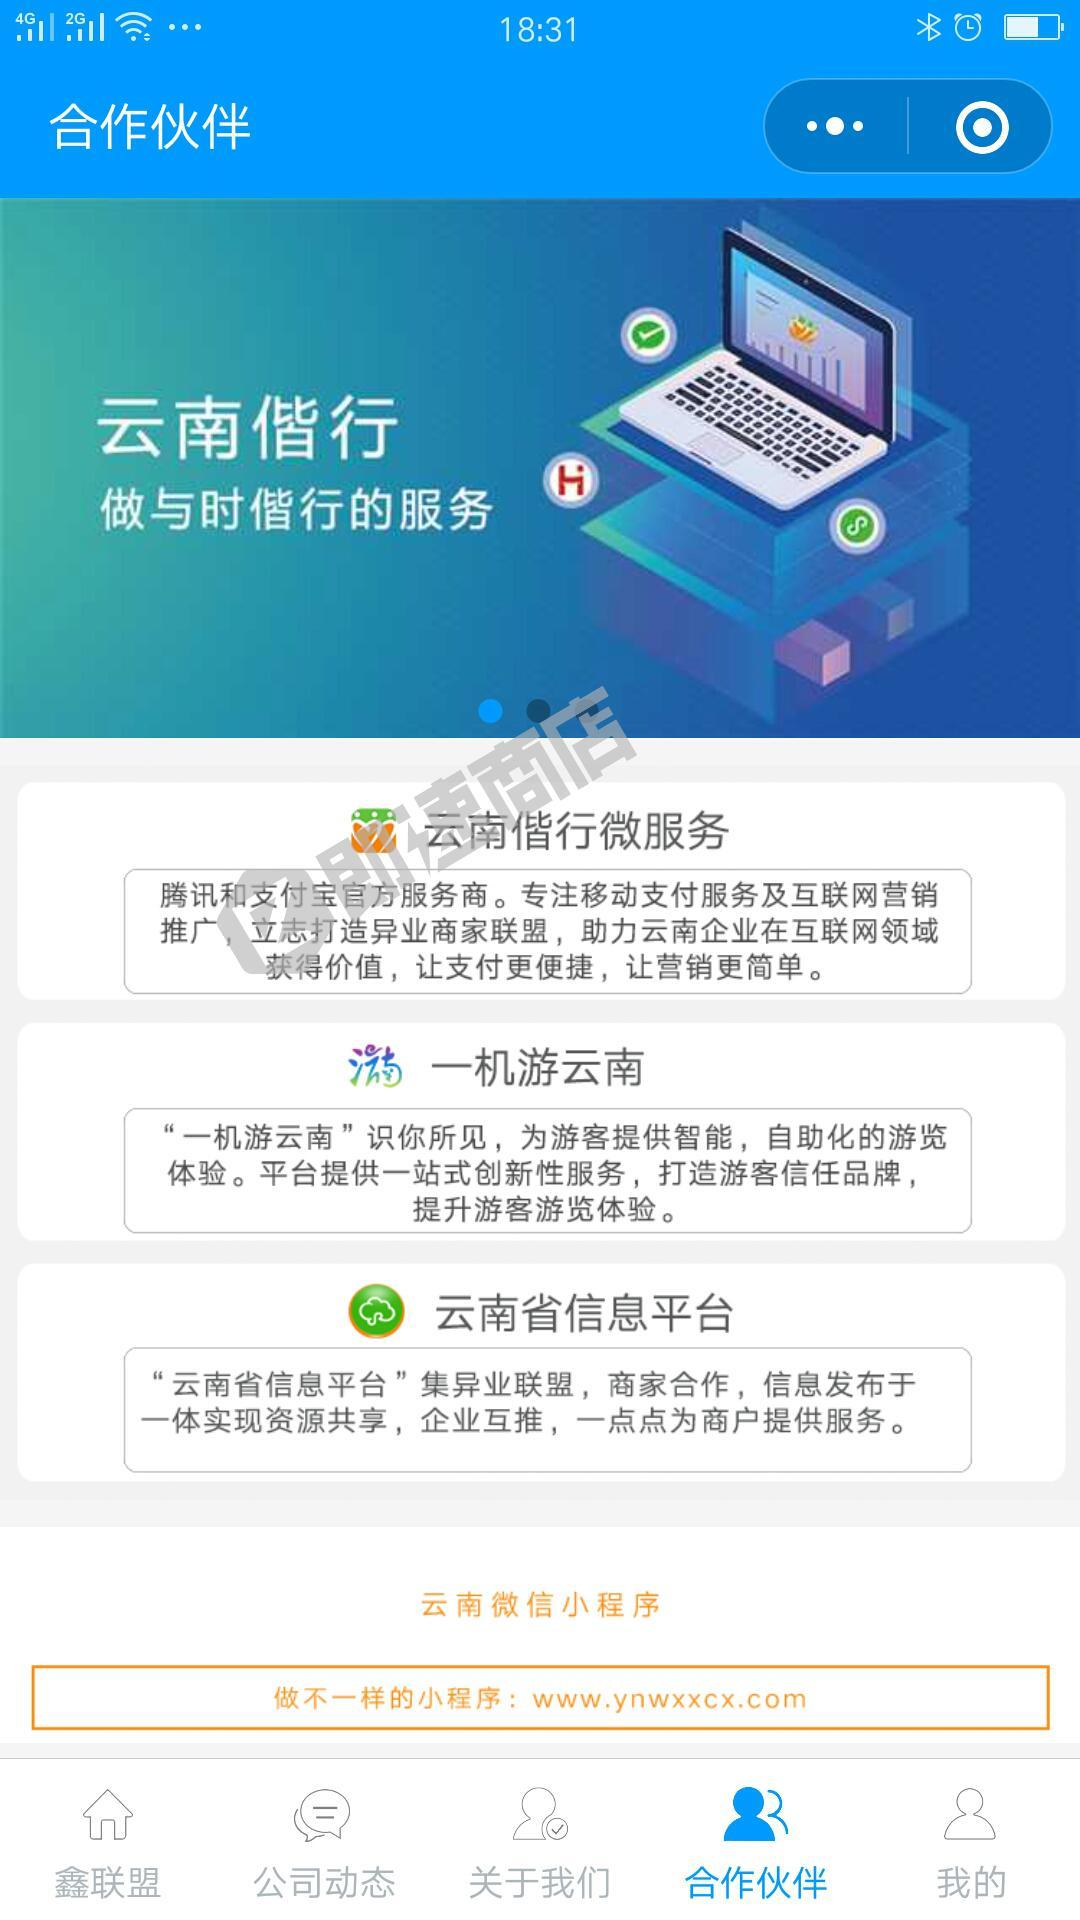 鑫联盟万川系统小程序列表页截图